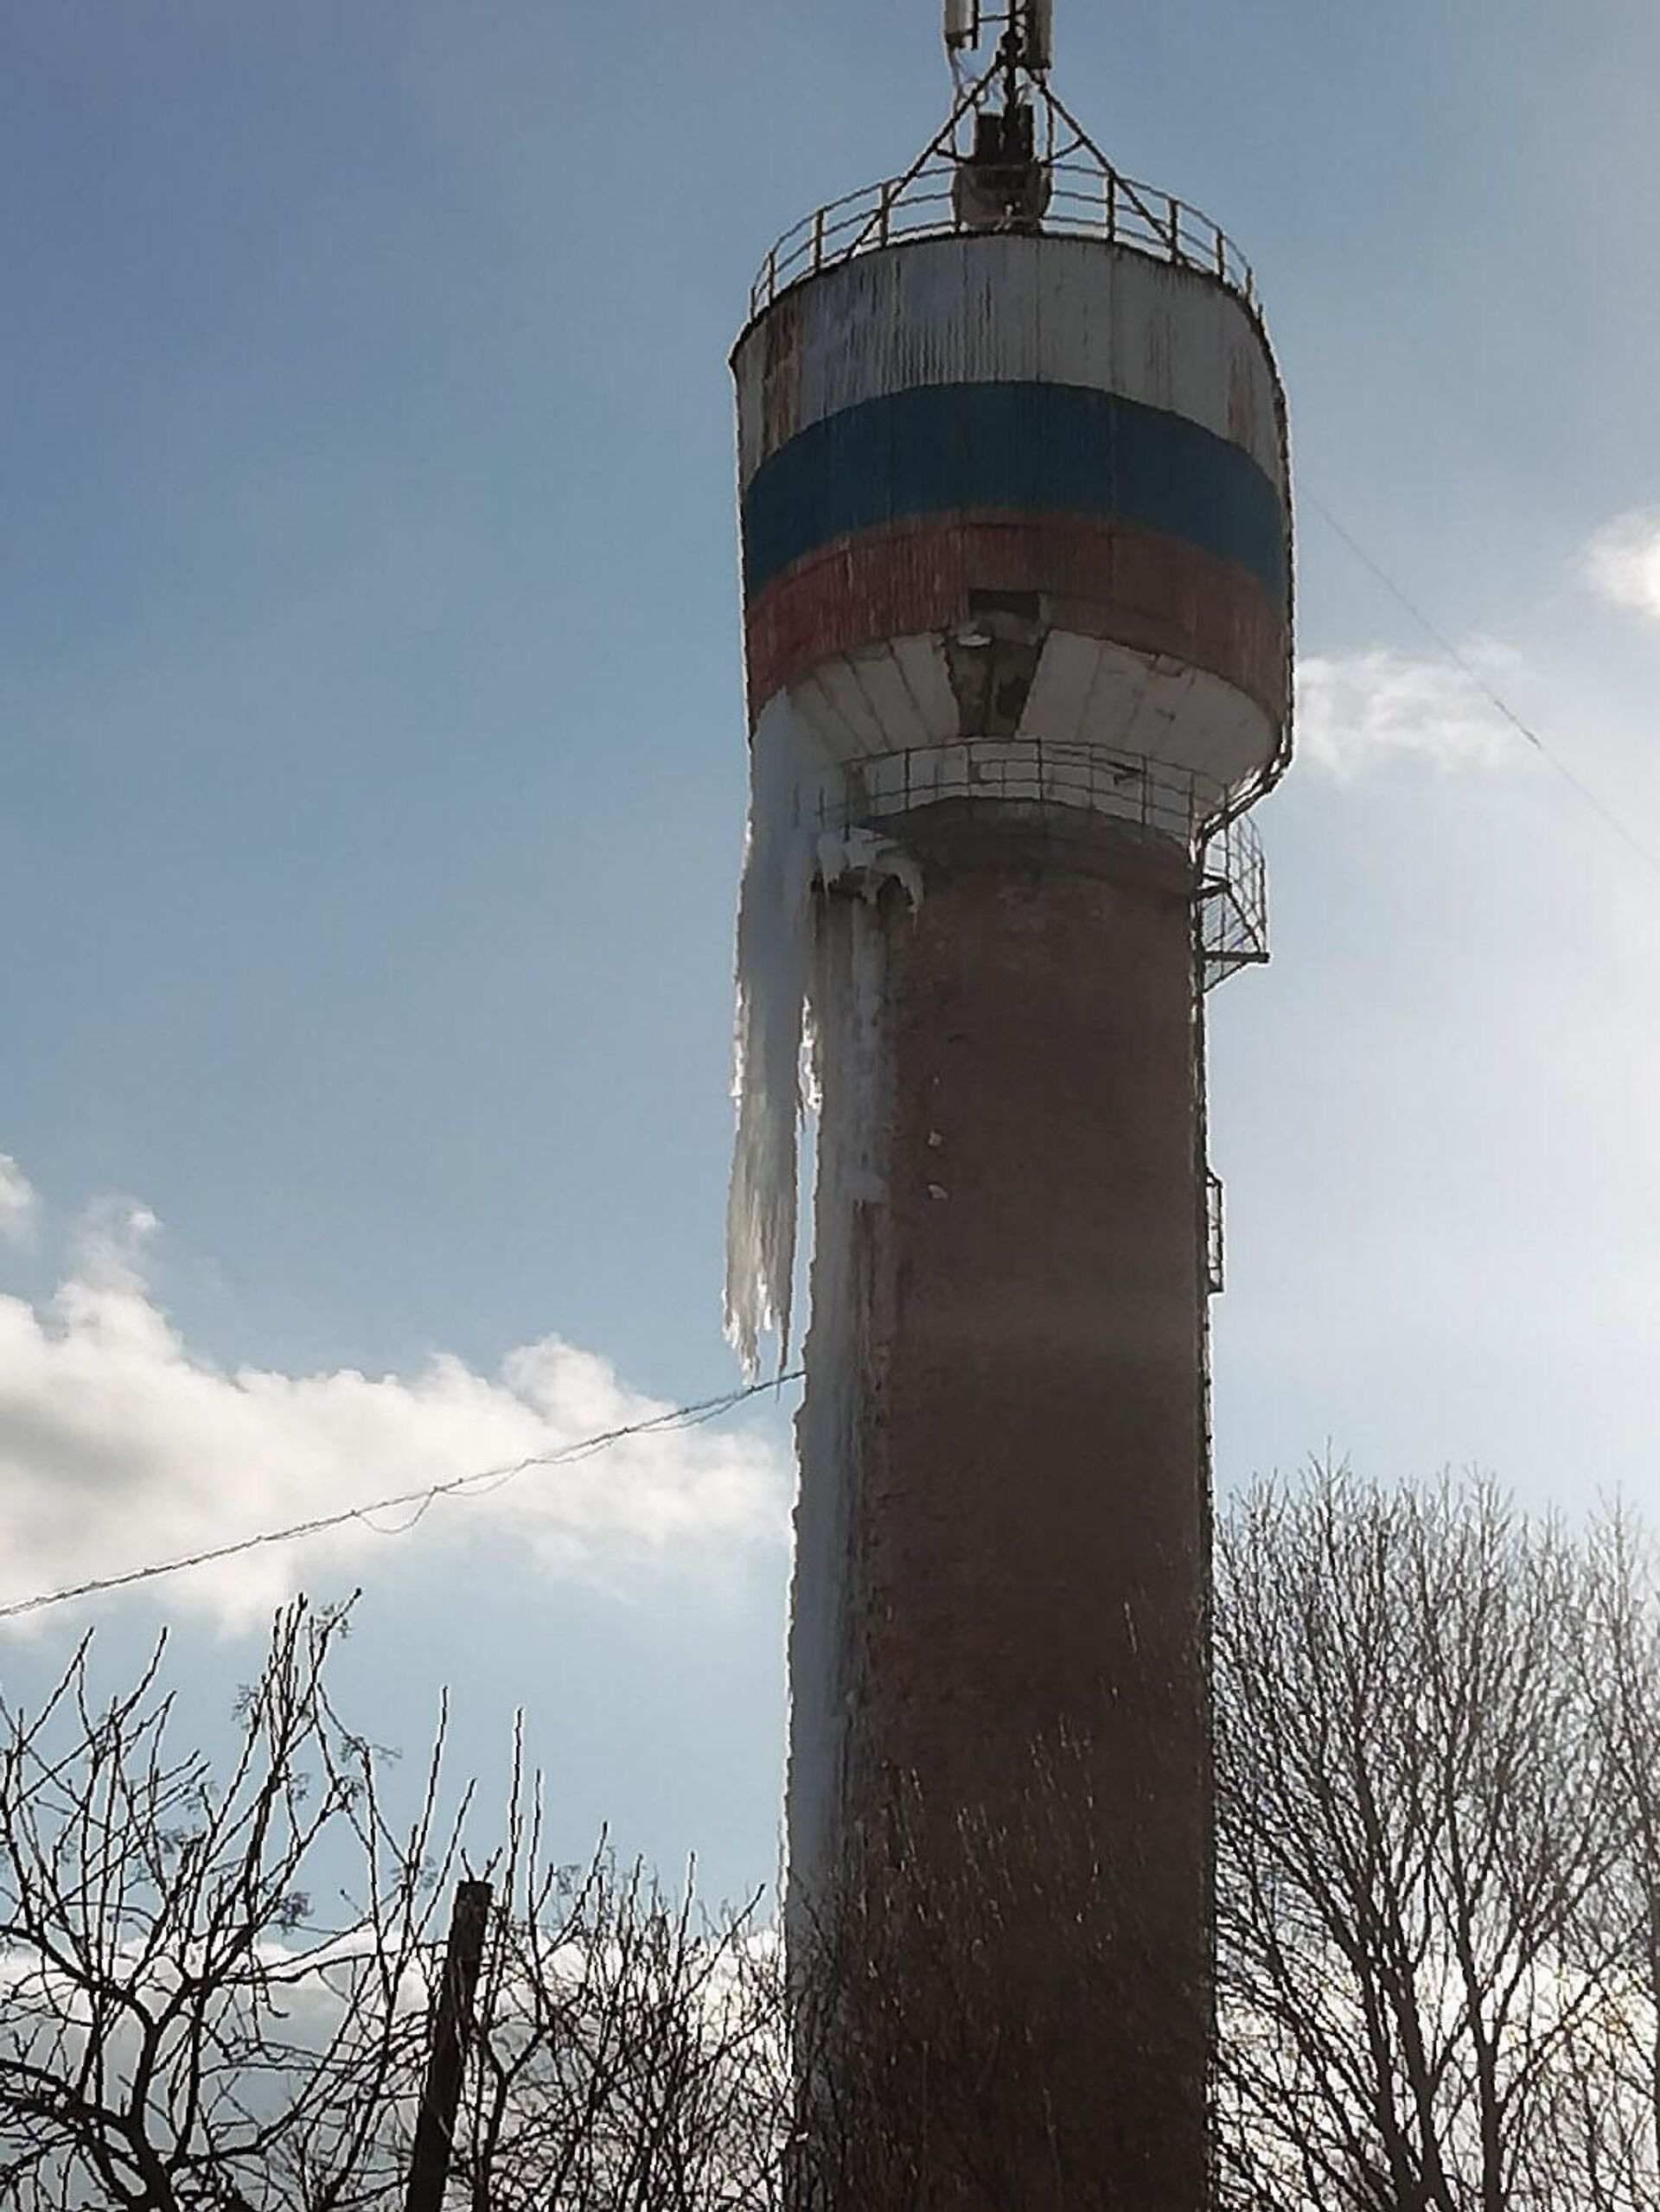 Водонапорная башня вот-вот рухнет - РИА Новости, 1920, 11.03.2021